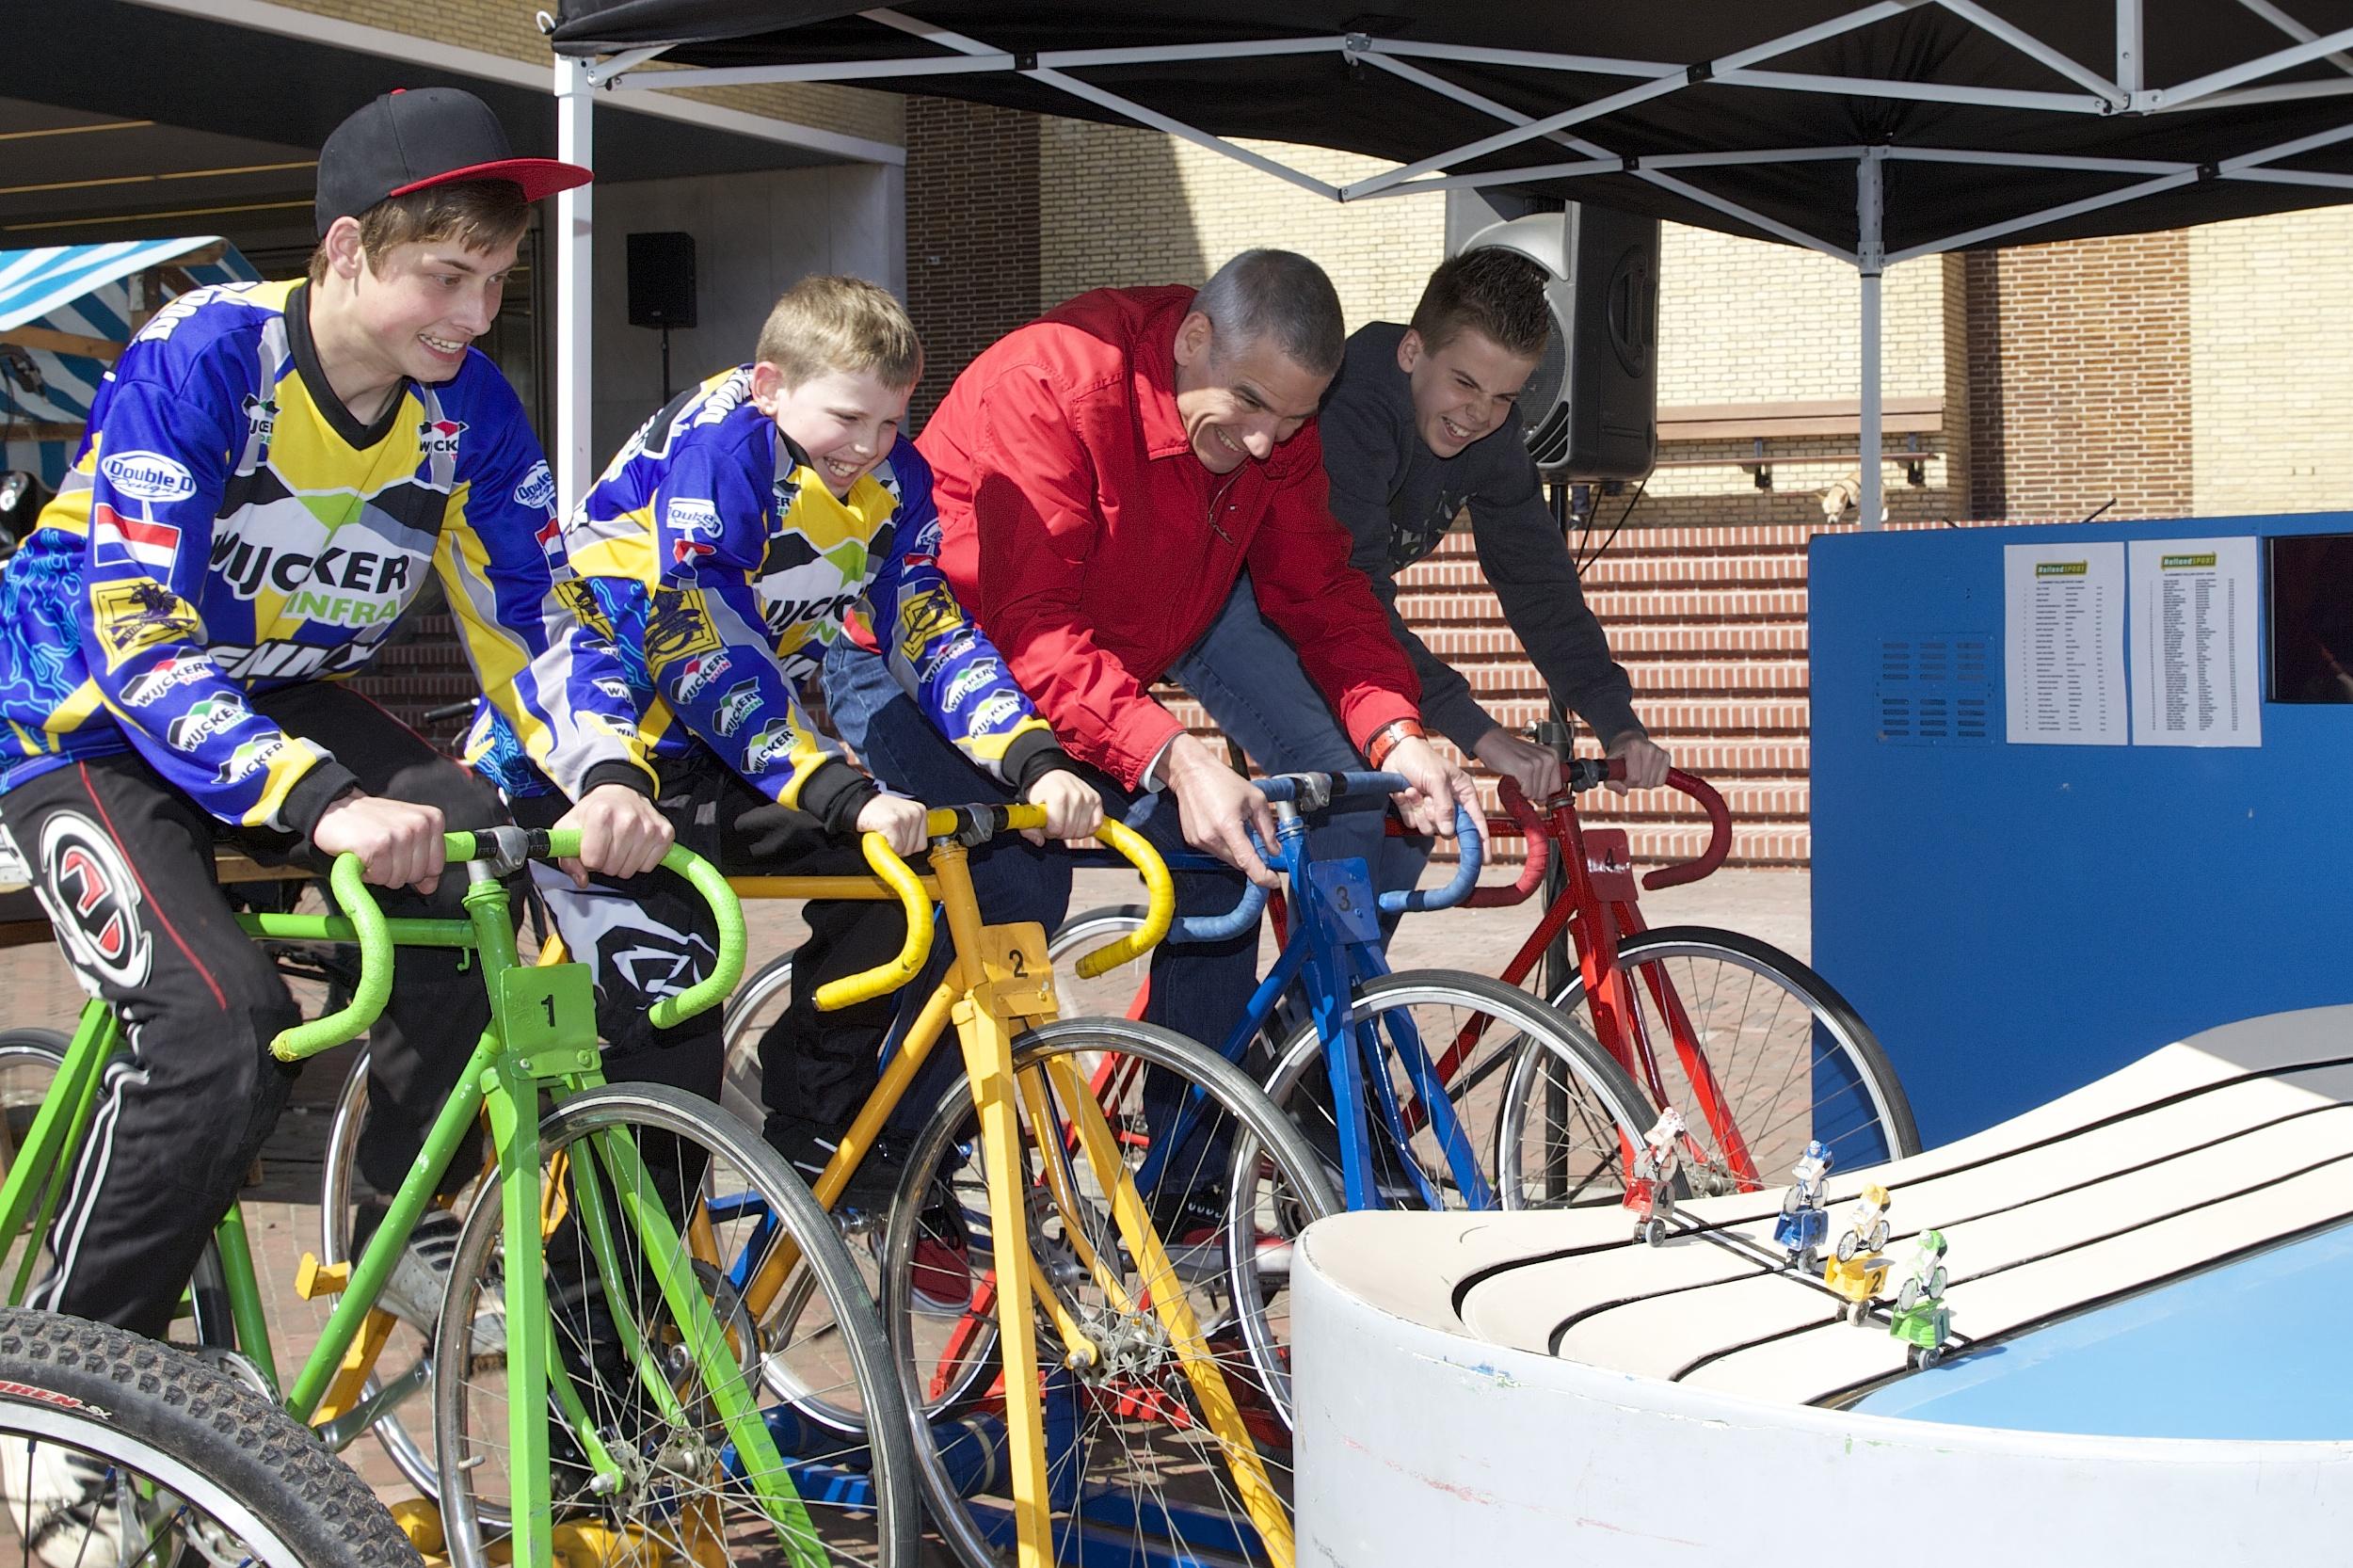 De race 4 fietsers